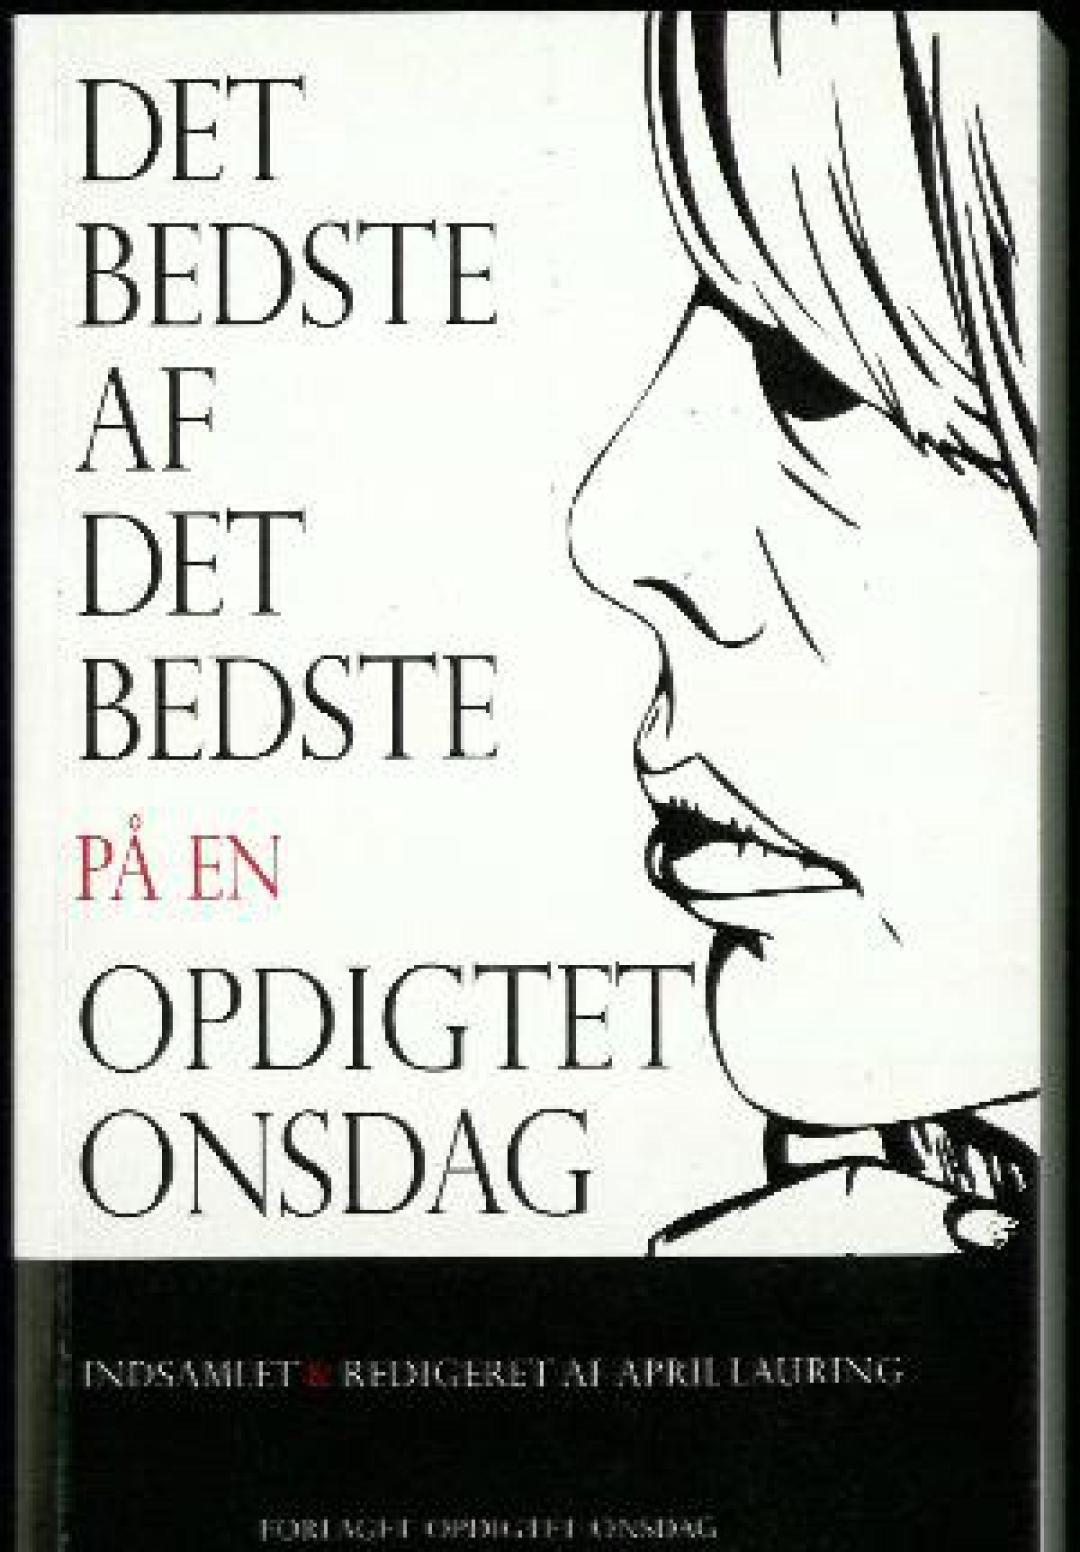 """Novellen """"Farmor"""" i Det bedste af det bedste på en opdigtet onsdag, red. April Lauring, forlaget opdigtet onsdag, 2012"""